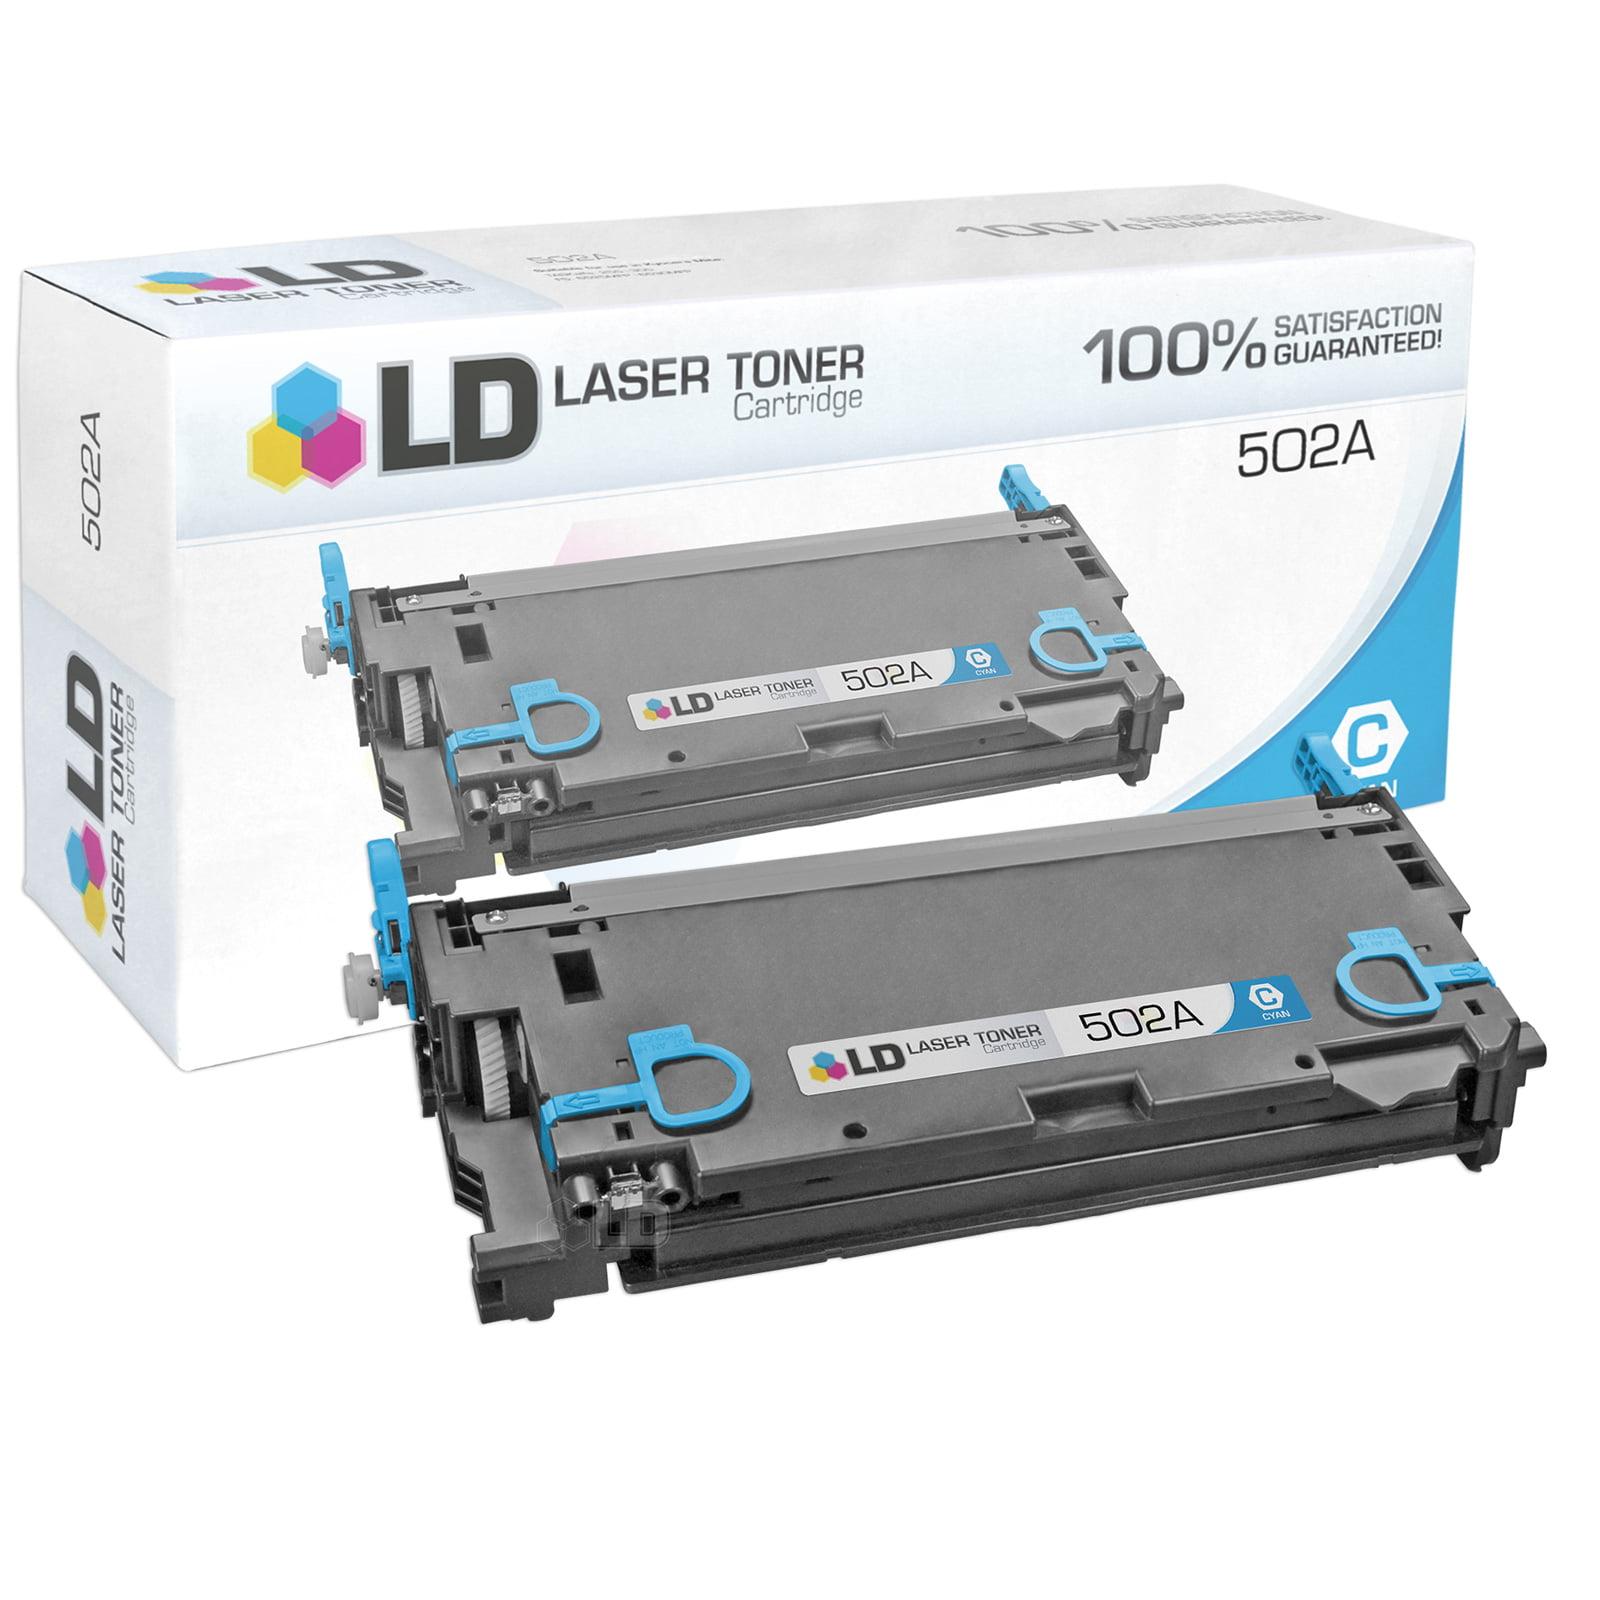 Remanufactured Cyan Laser Toner Cartridge for Hewlett Packard HP Q6471A / 502A